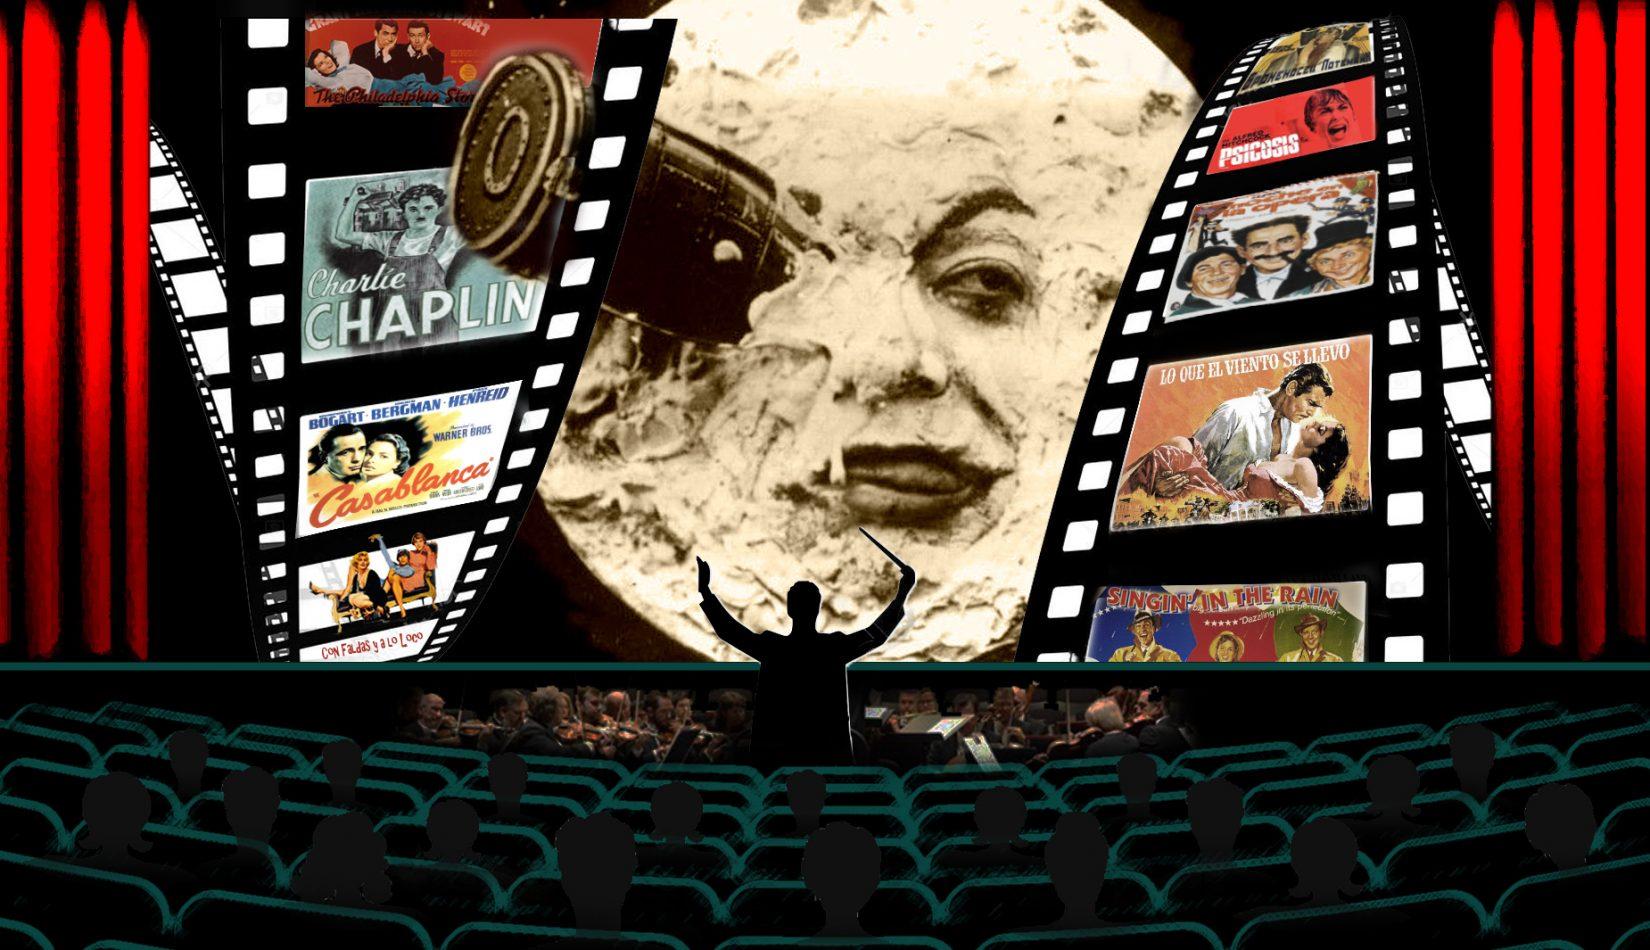 Sala de cine con orquesta. Imagen Viaje a la Luna de Georges Melies y cinta con diversos carteles de películas antiguas. Loco Mundo Arte y Bohemia